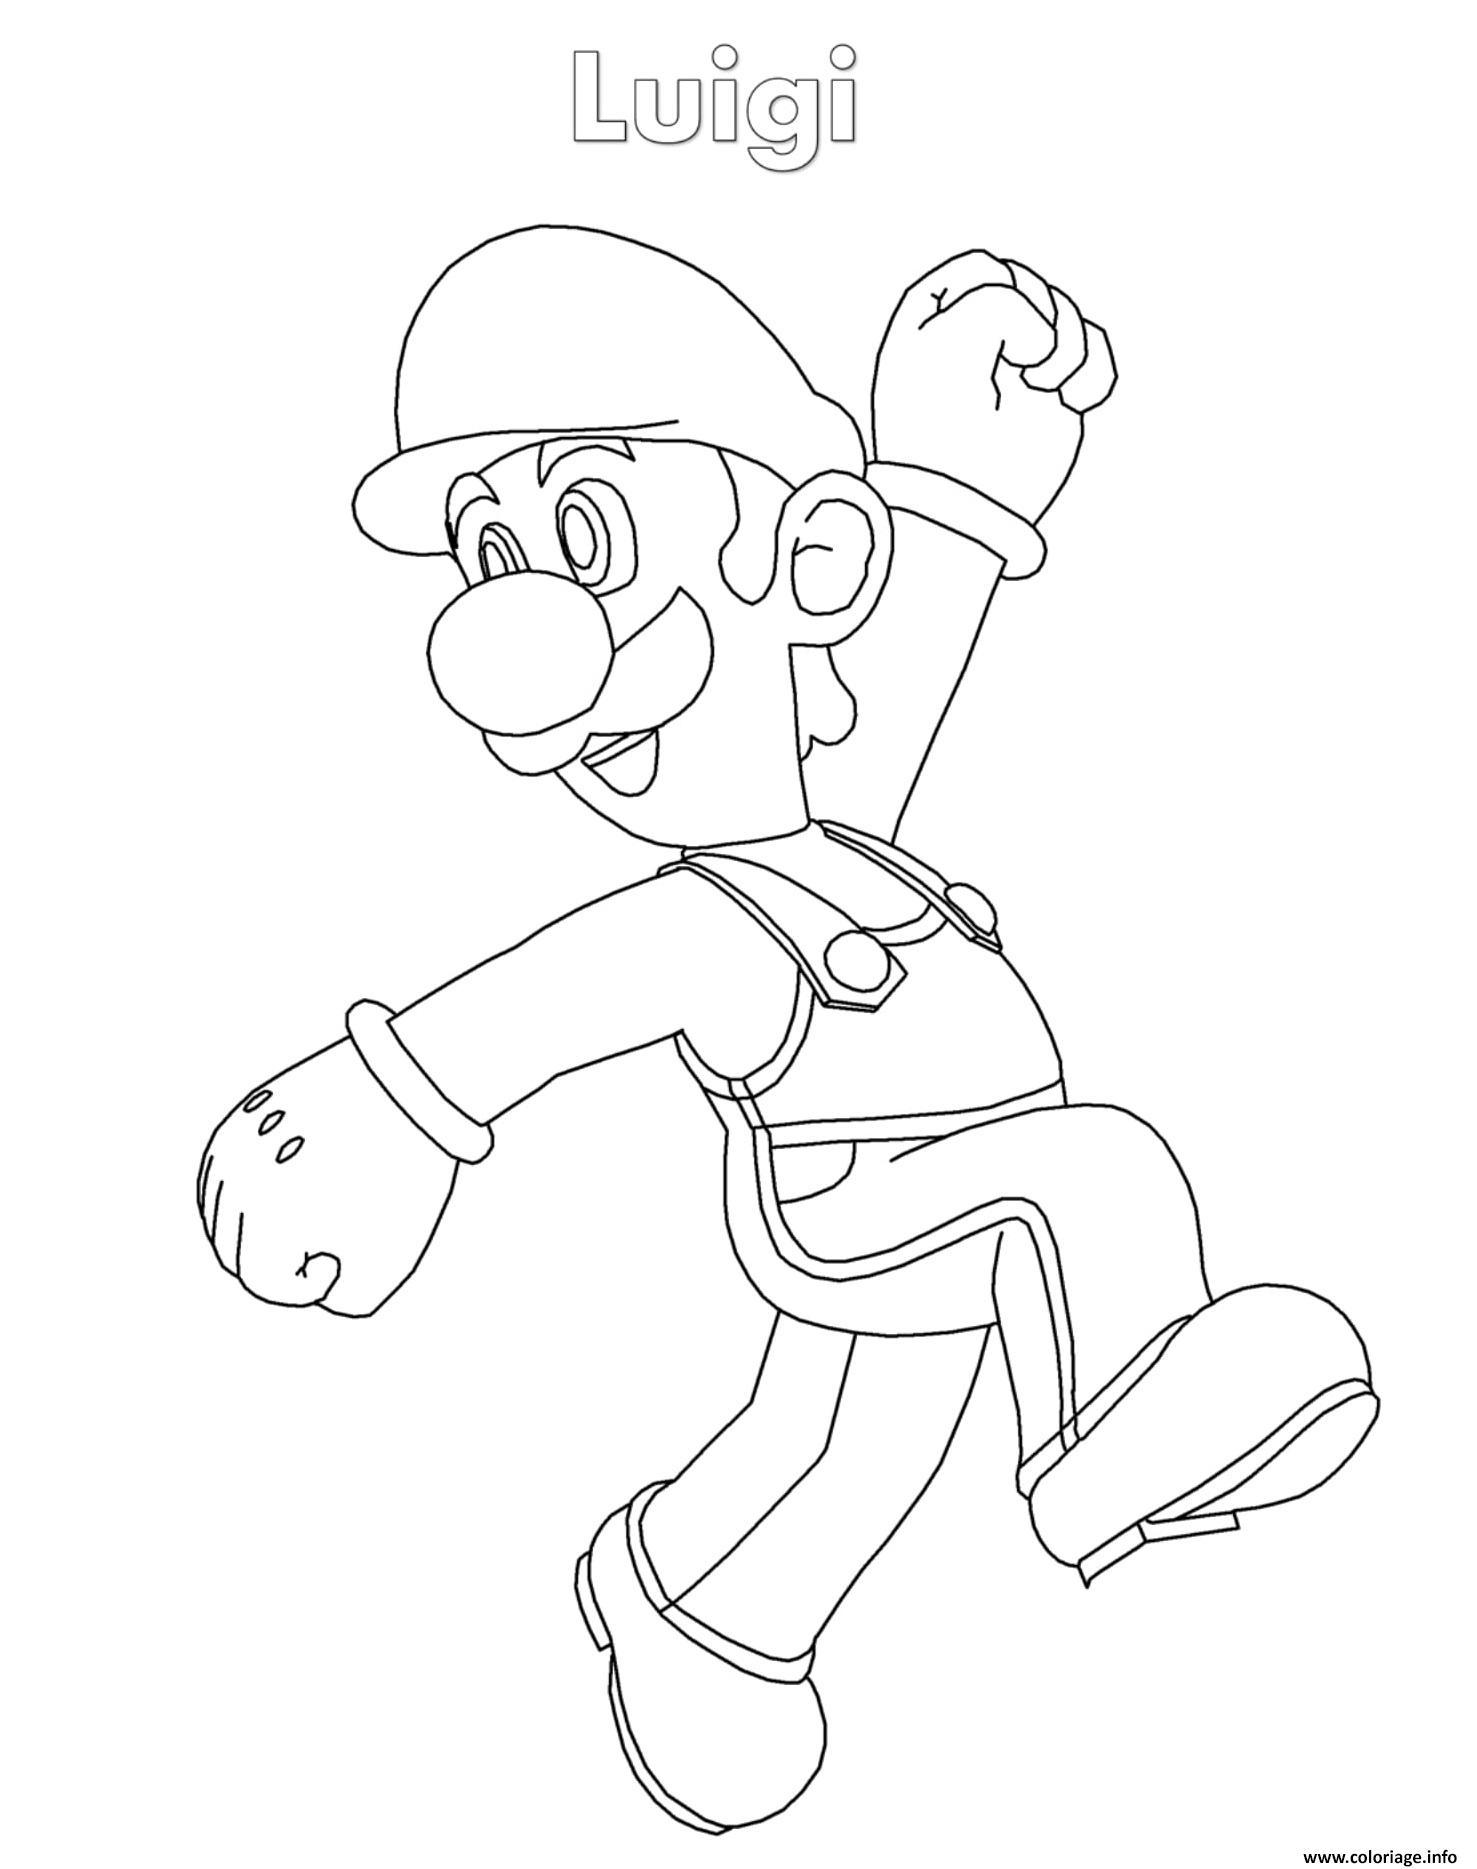 Coloriage Luigi Super Mario Nintendo dessin